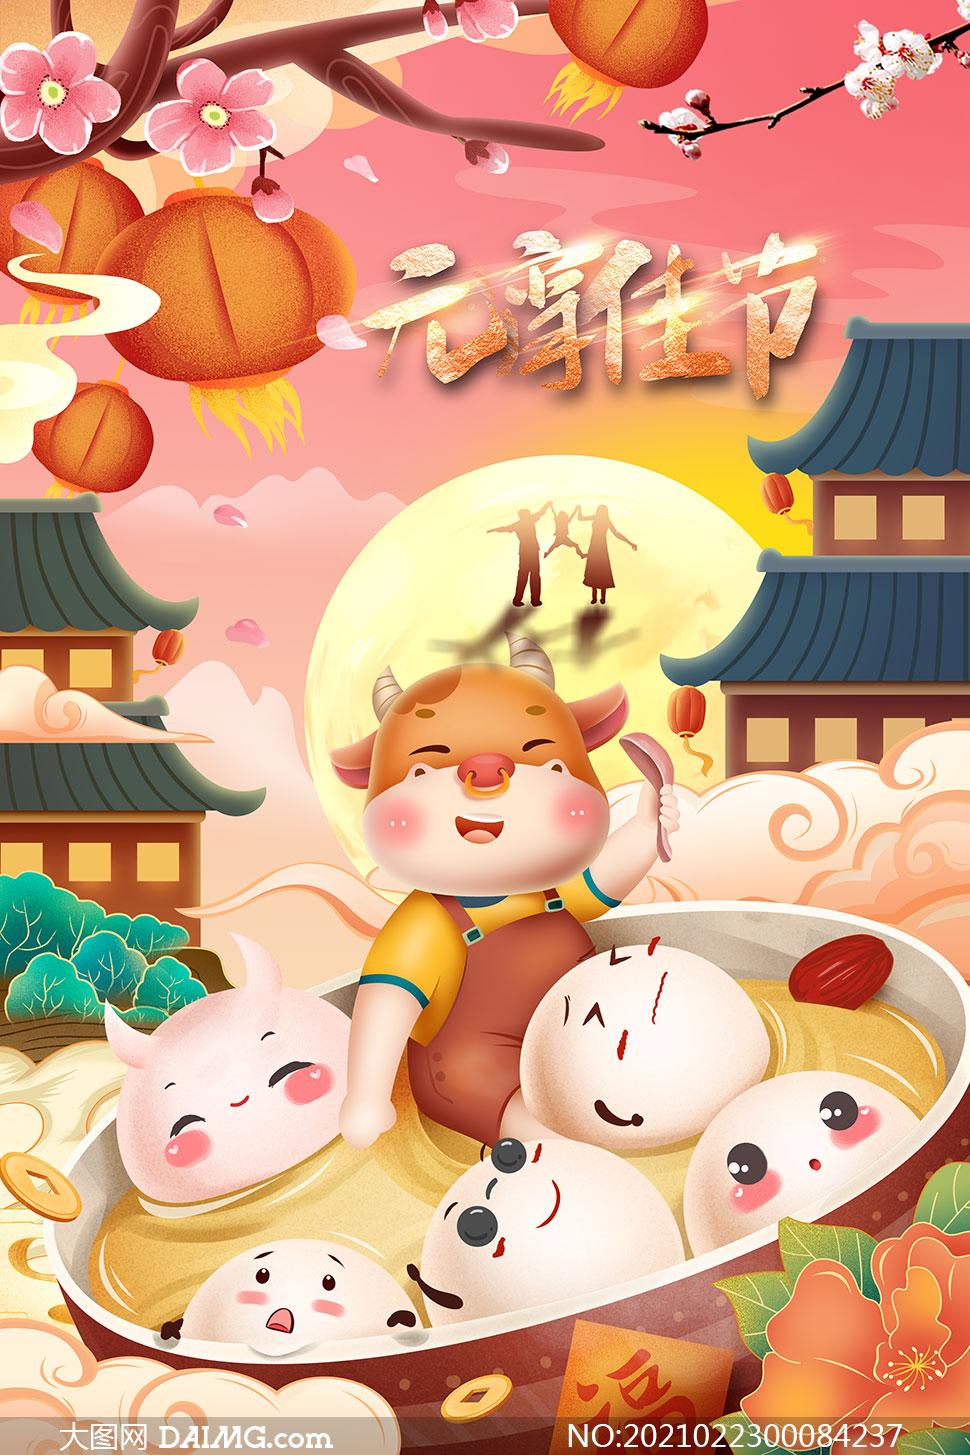 元宵佳节吃汤圆主题海报设计PSD素材